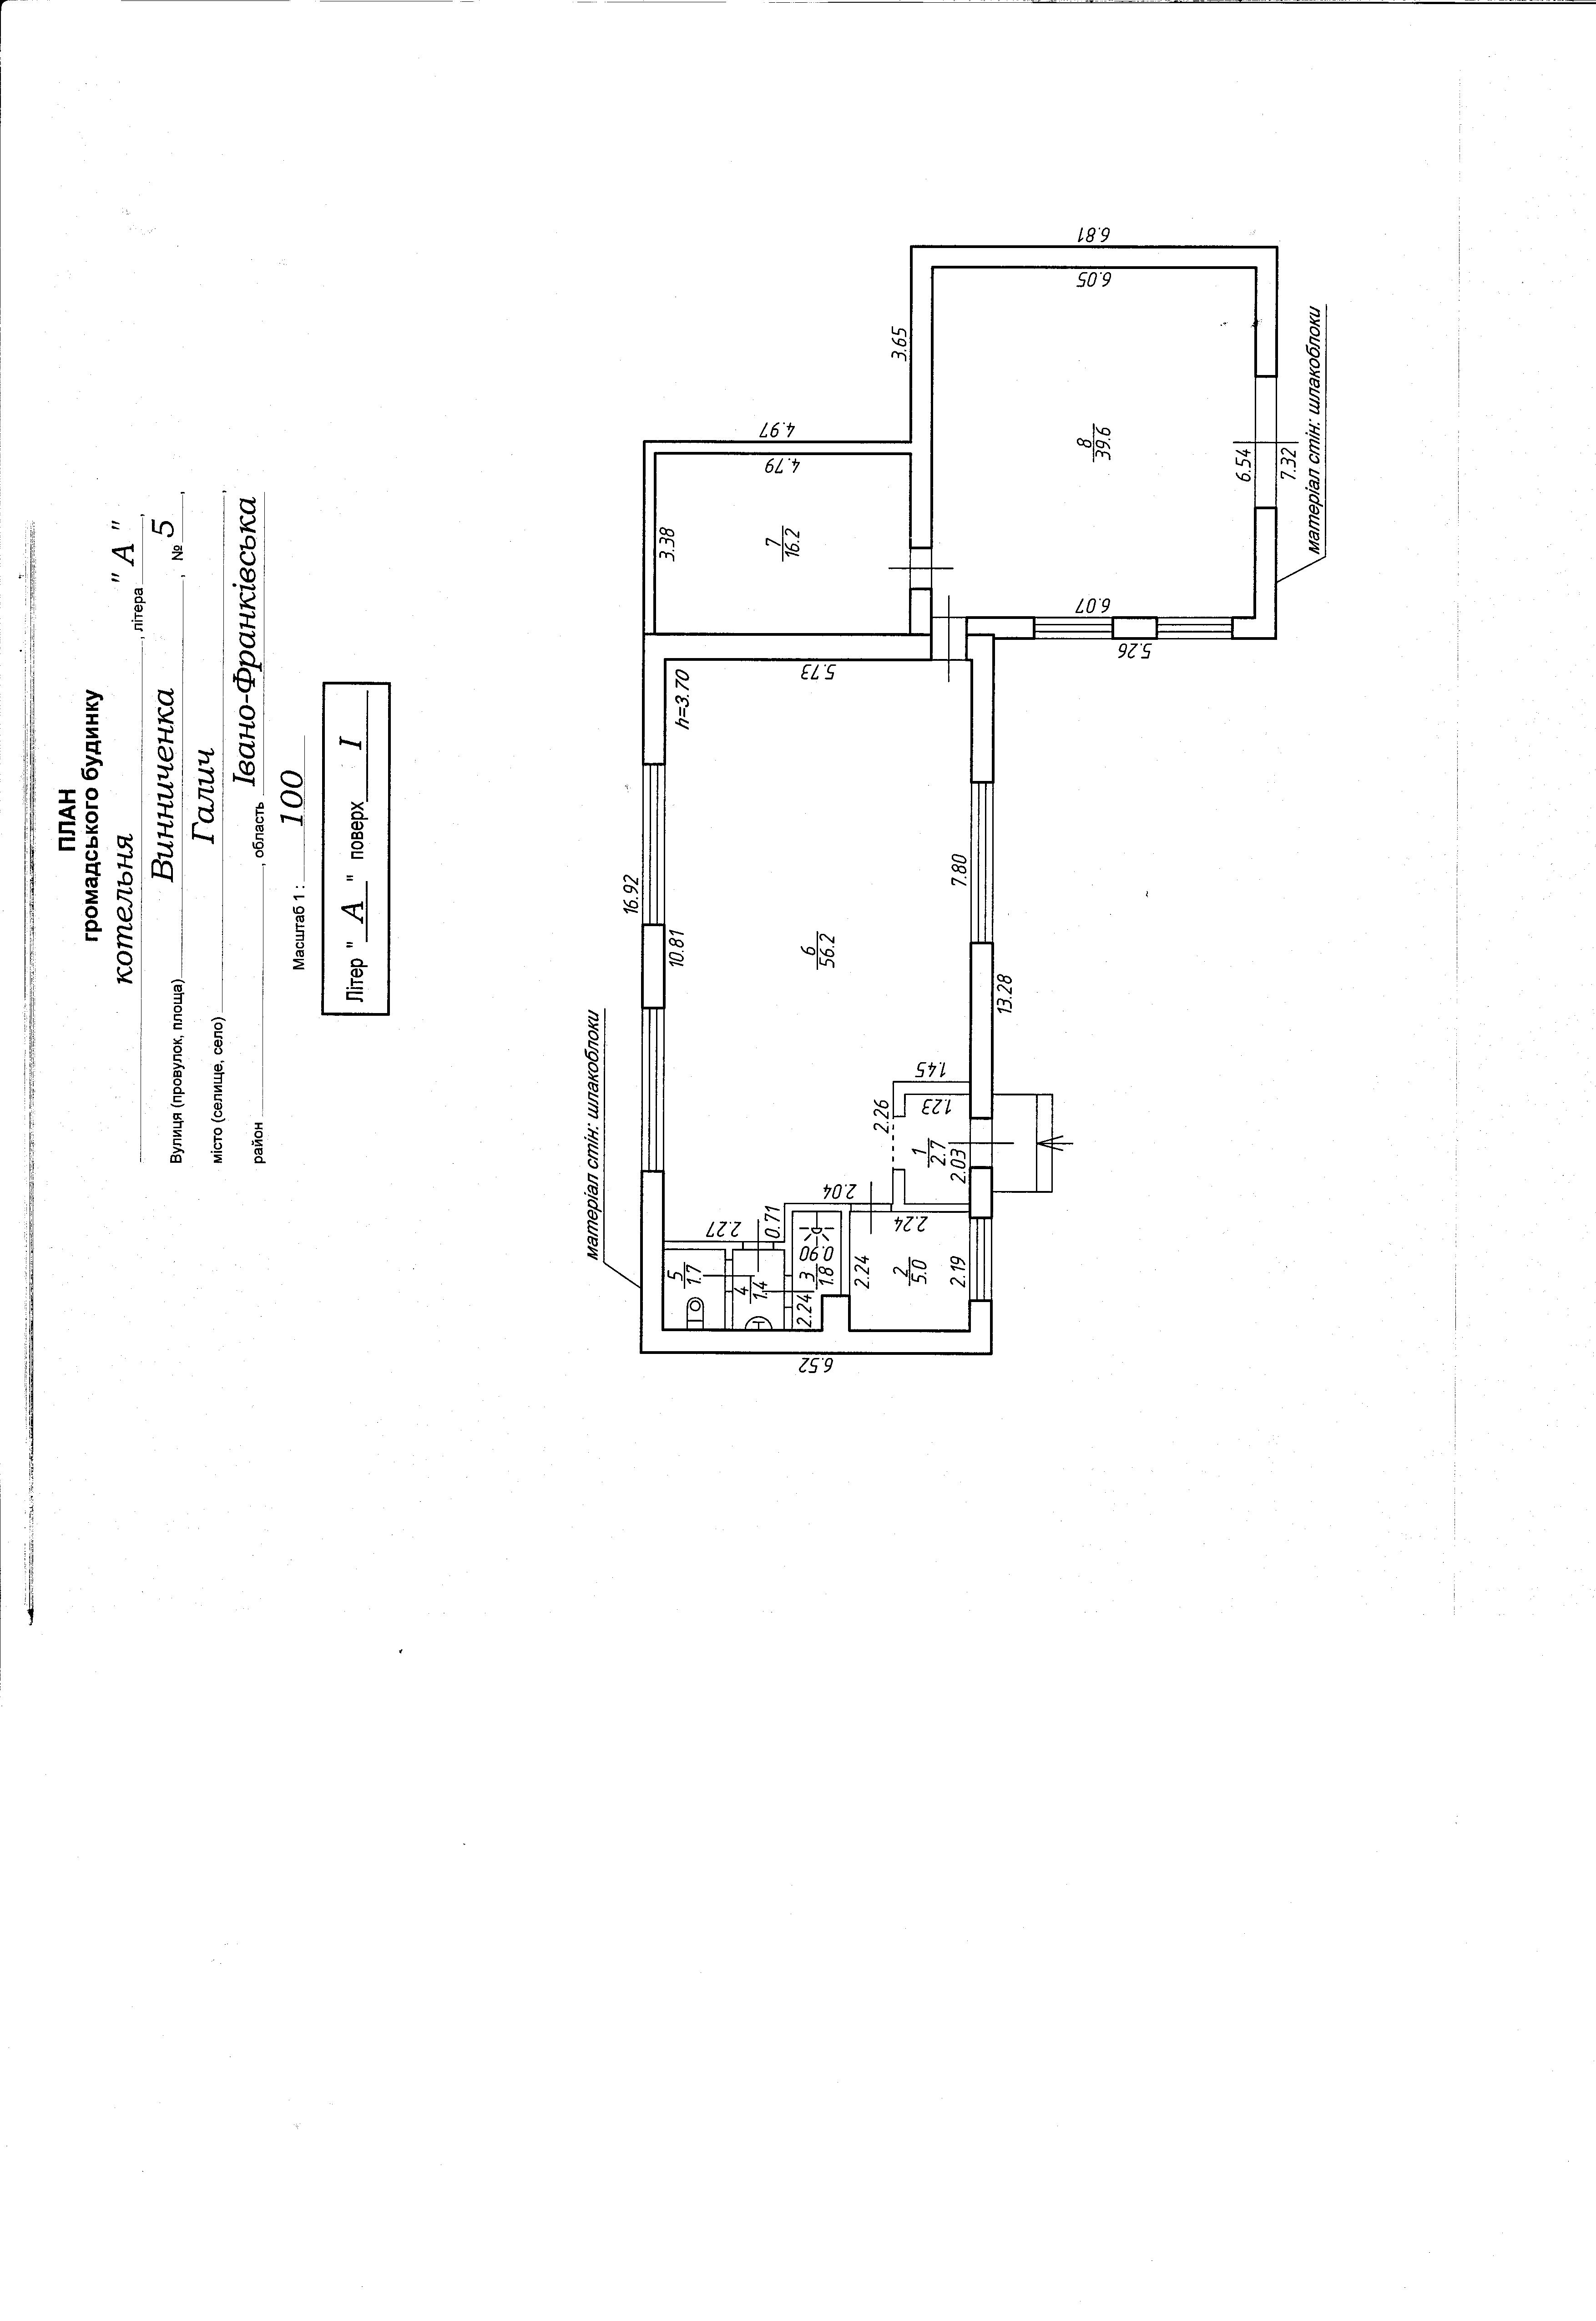 Аукціон з передачі в оренду комунального майна: приміщення громадського будинку (котельні) площею 124,6 м. кв., за адресою м. Галич, вул. Винниченка, 5